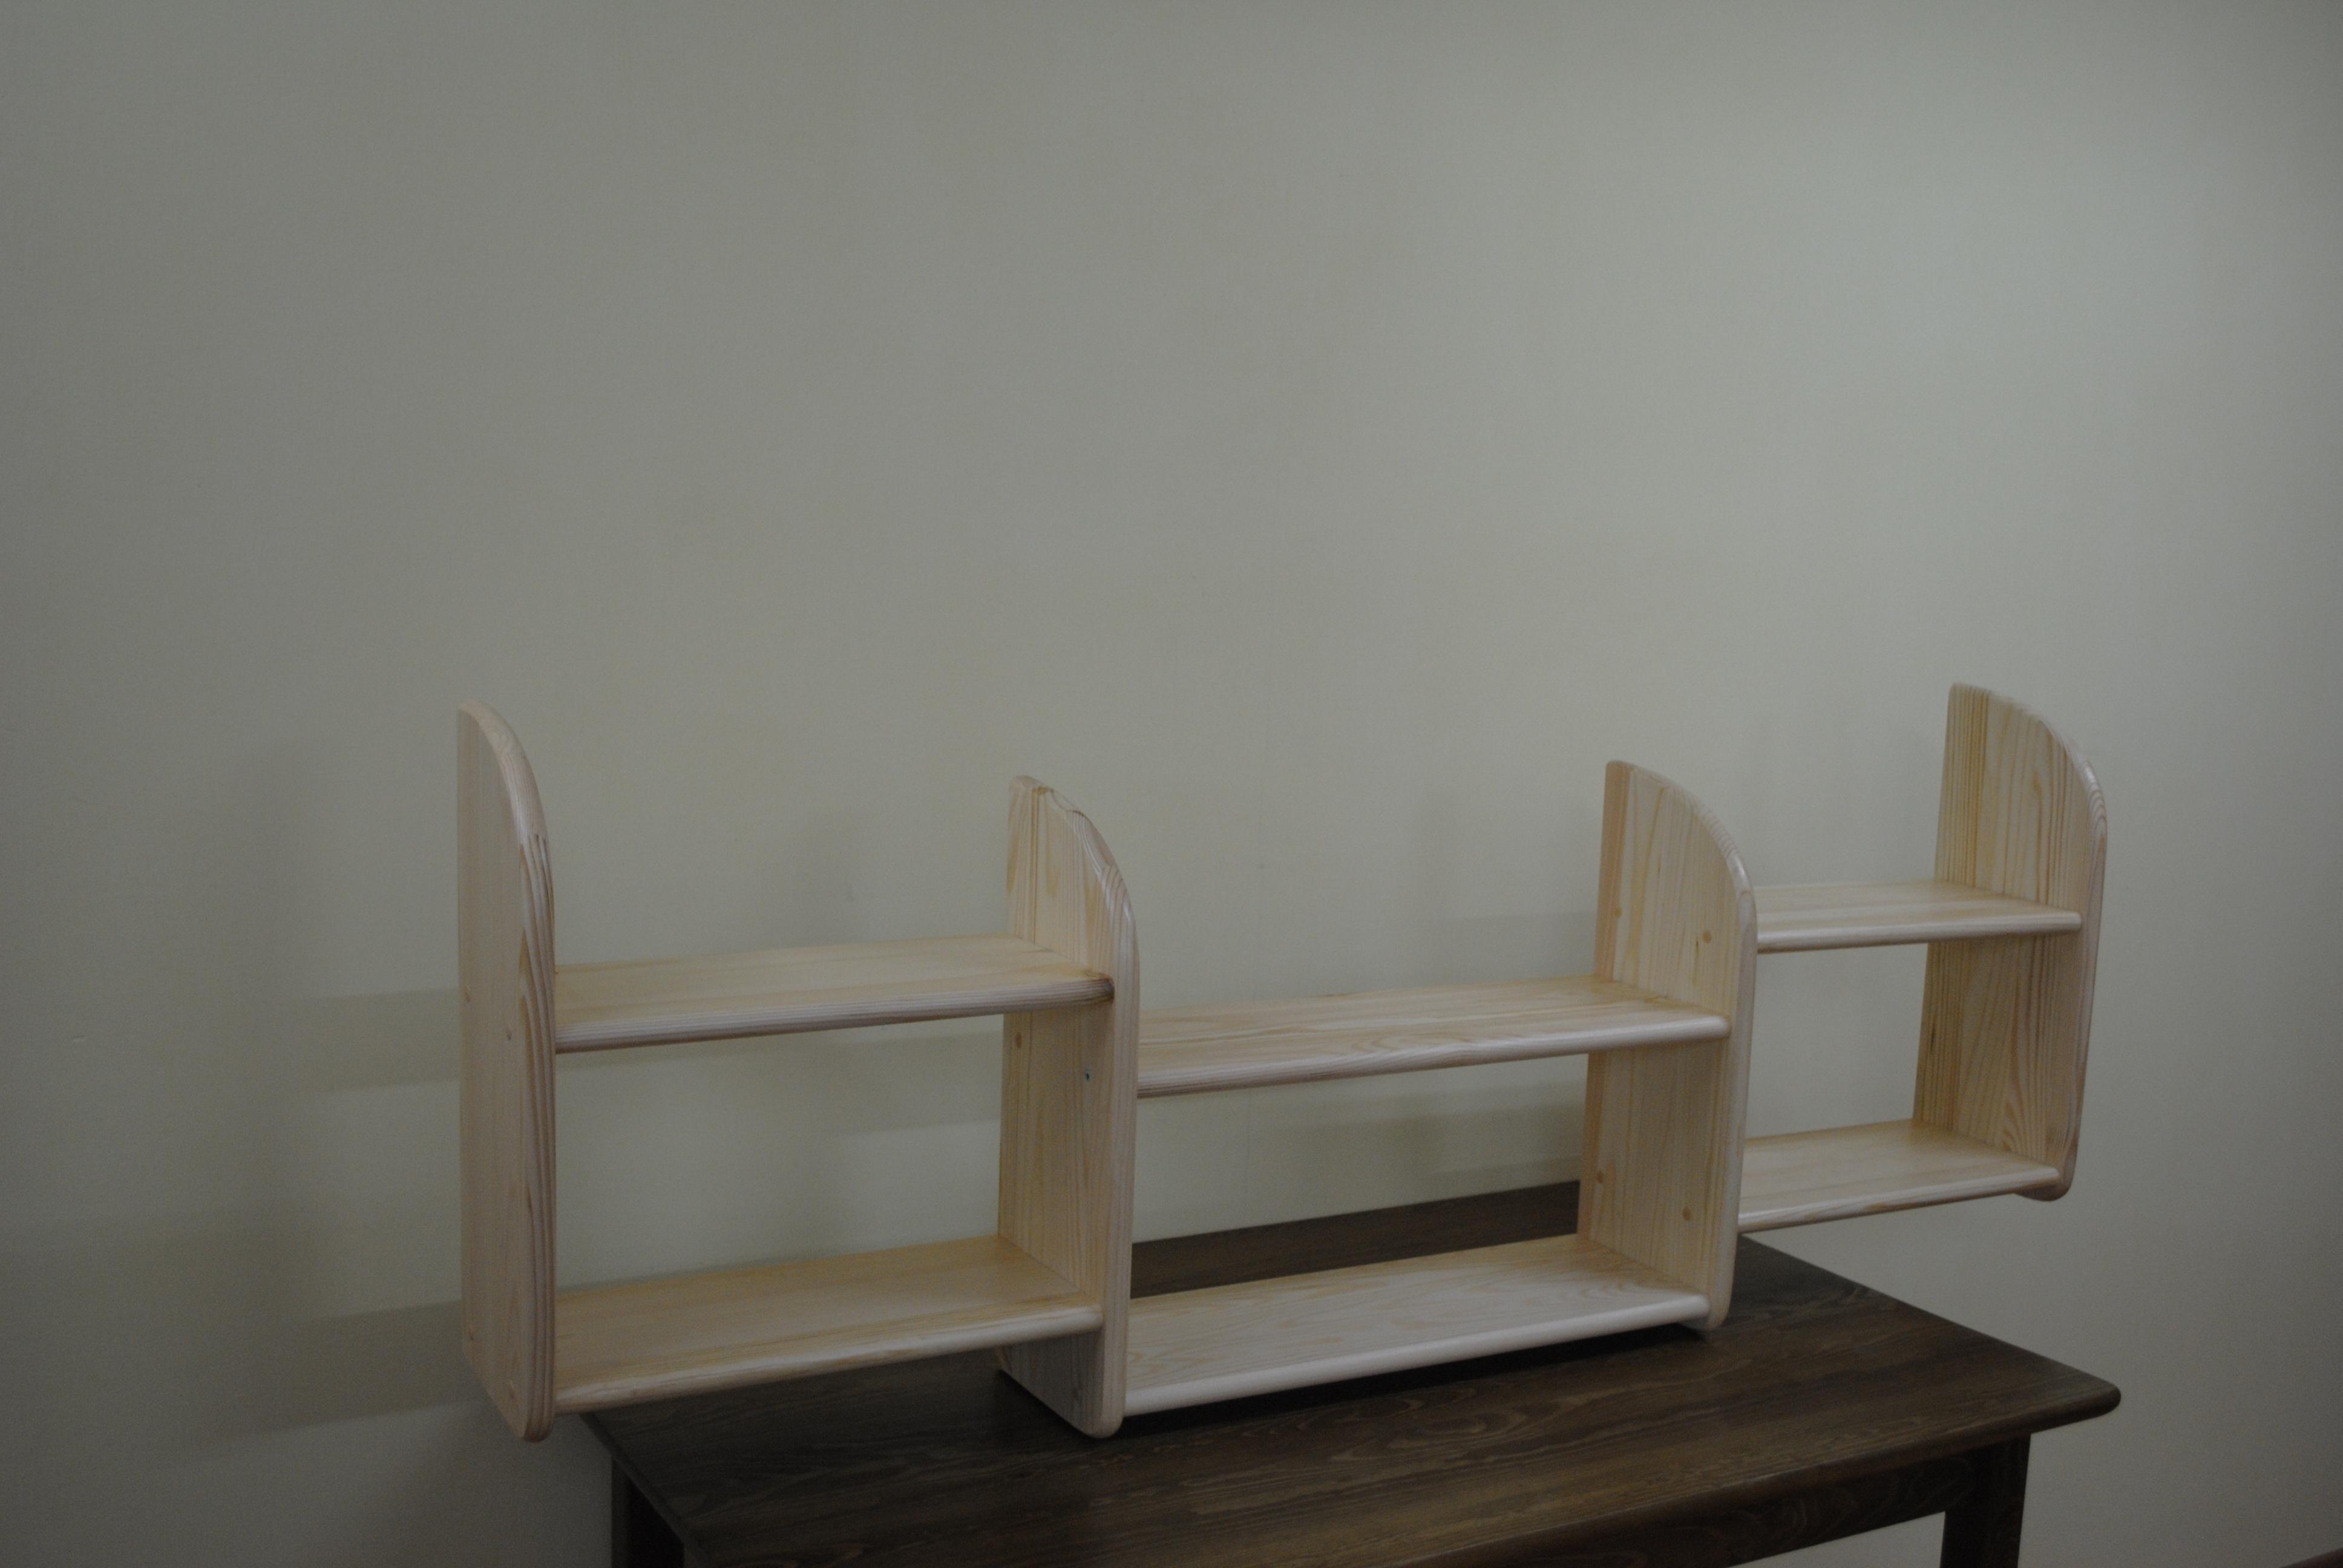 półka - zdjęcie 32